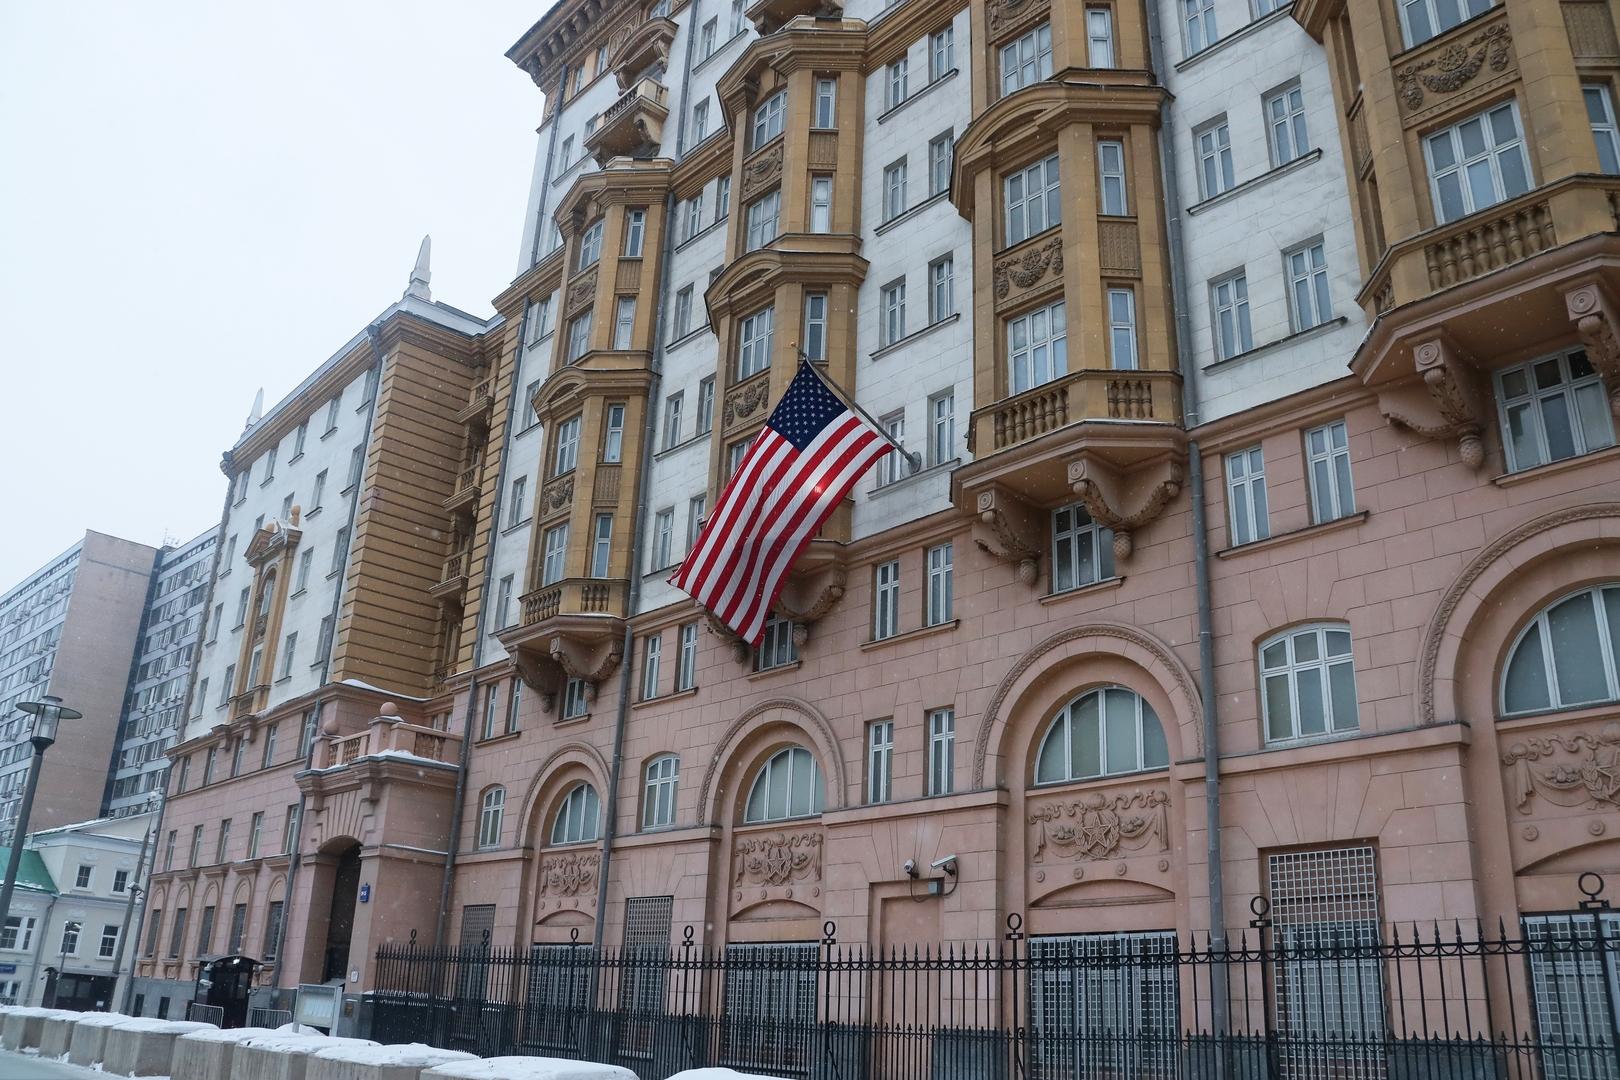 السفارة الأمريكية بموسكو تدعو المواطنين الأمريكيين لتجنب أماكن المظاهرات المتوقعة